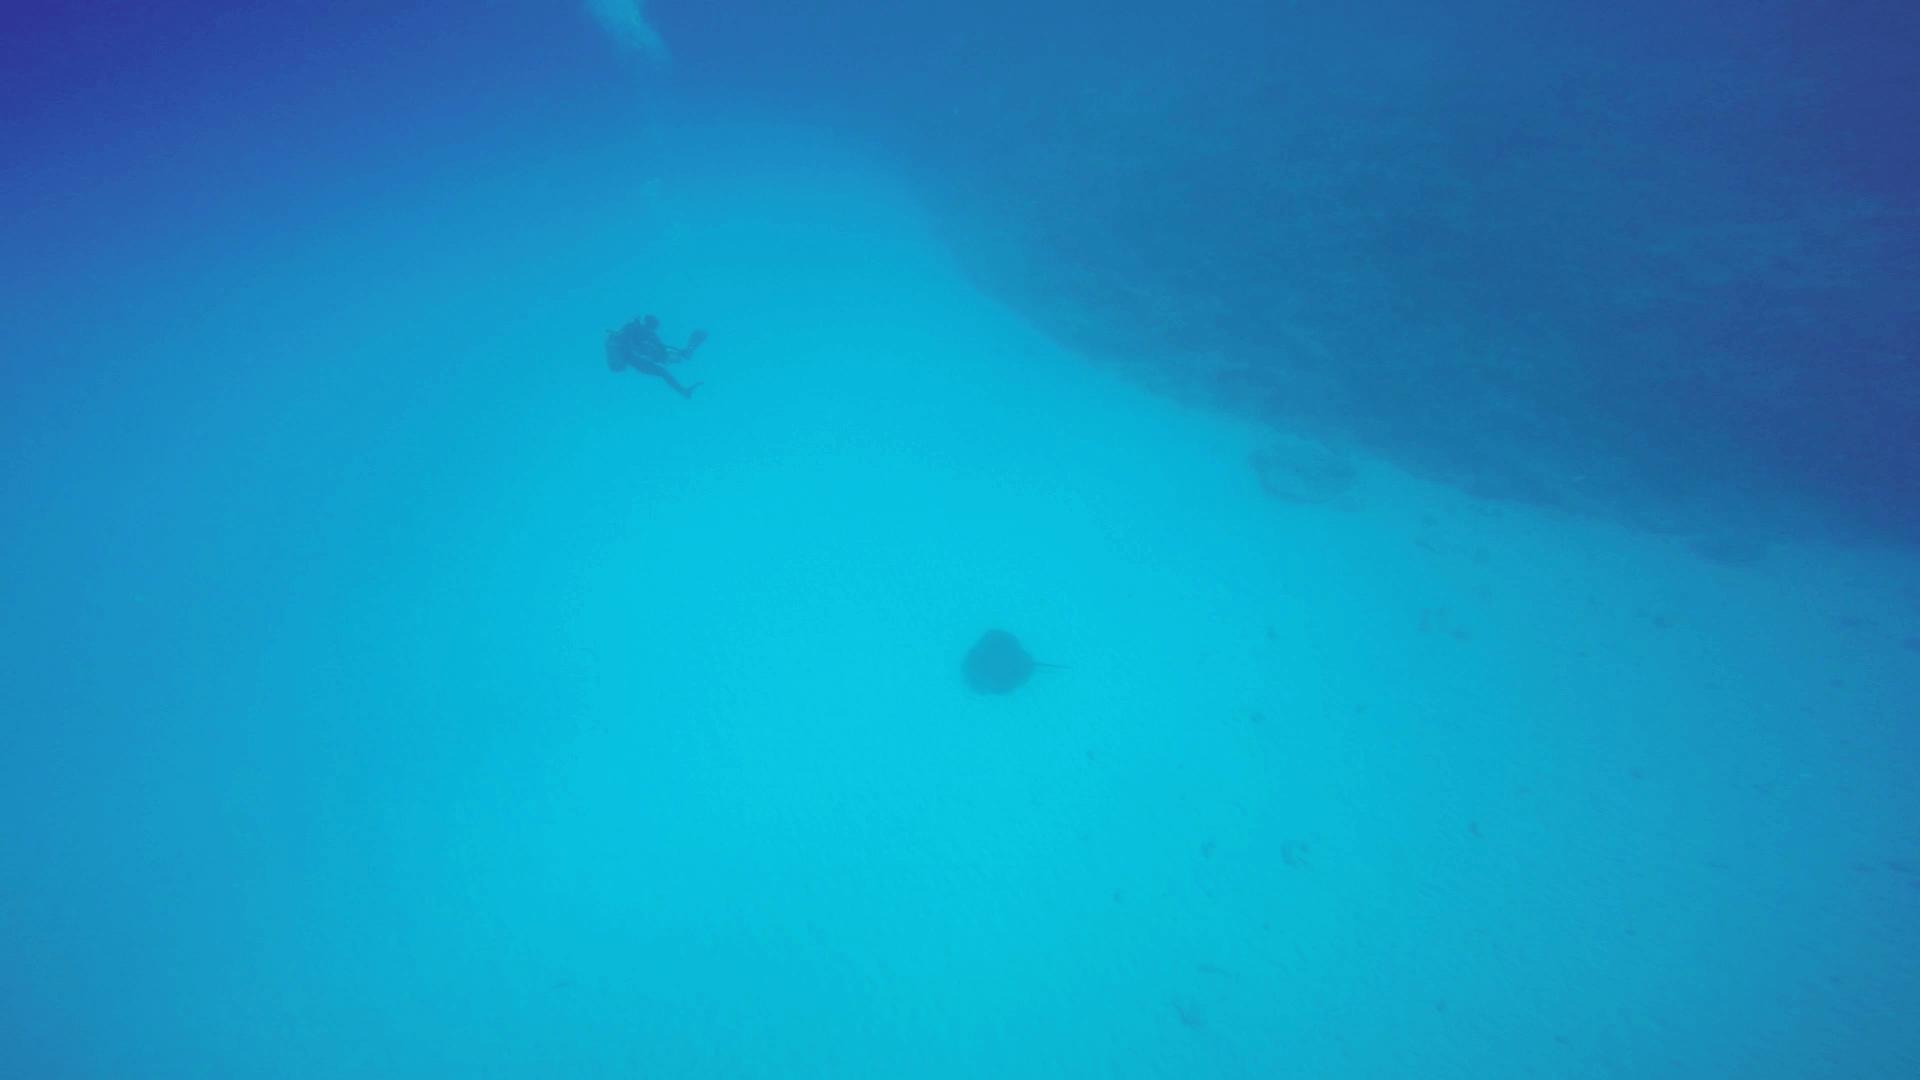 水底にいたマダラエイとダイバーの画像